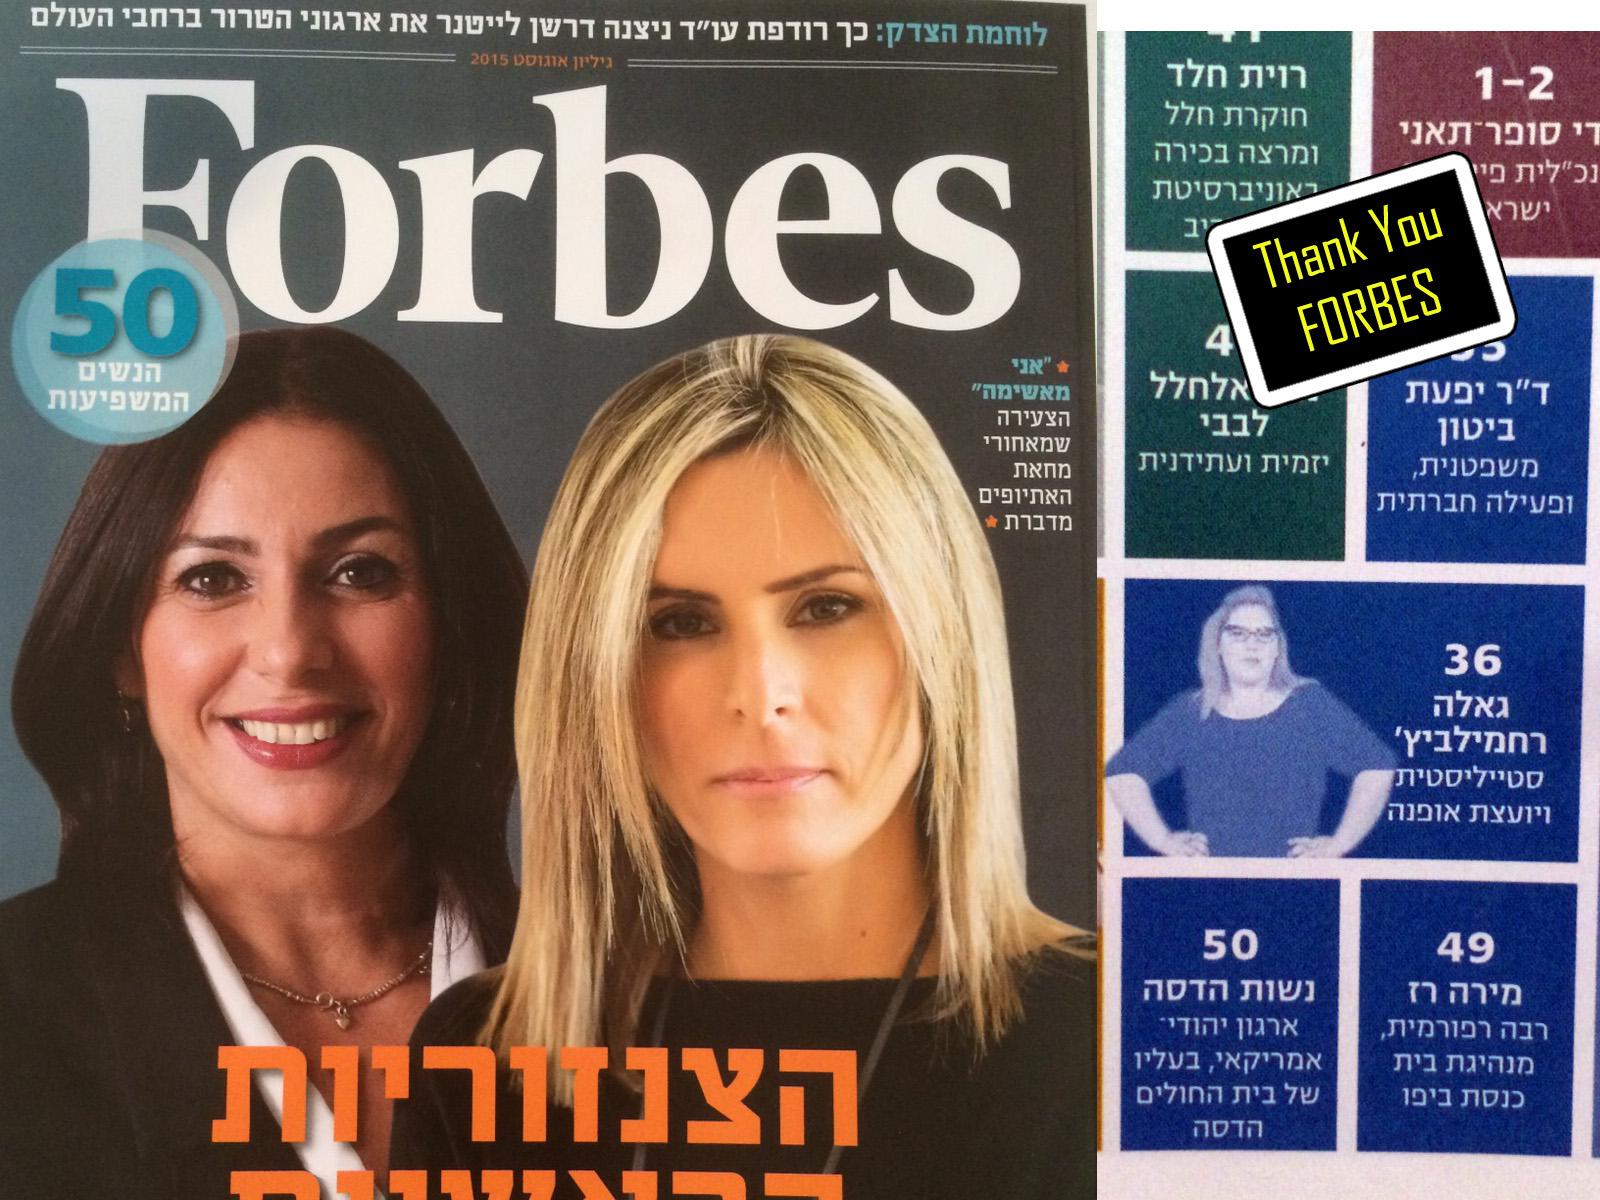 השינויים שהובילה פורצי דרך , לא בכדי נבחרה לאחת הנשים המשפיעות בישראל על ידי המגזין היוקרתי פורבס